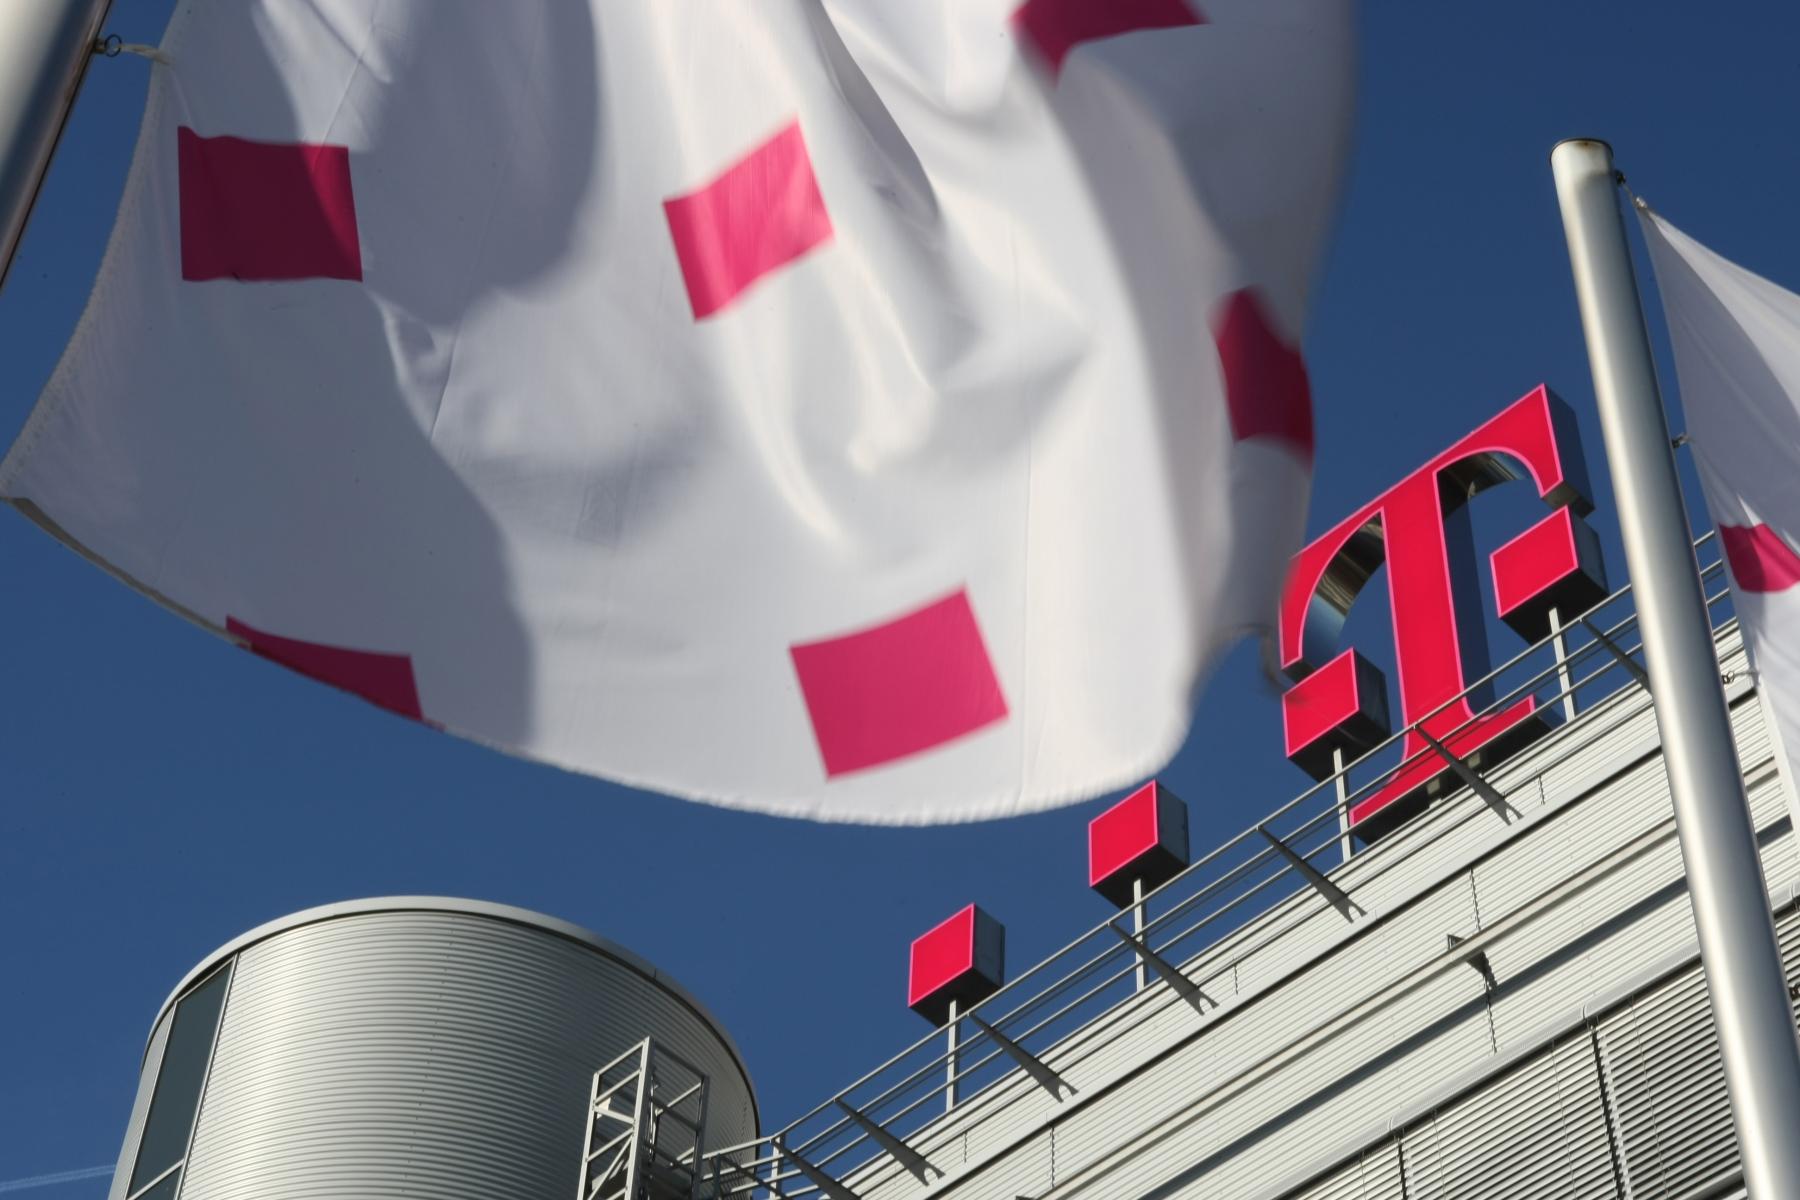 Bei der ohne Vorgaben (ungestützt) gestellten Frage nach den bekanntesten Unternehmen liegt die Deutsche Telekom mit klarem Abstand an der Spitze.